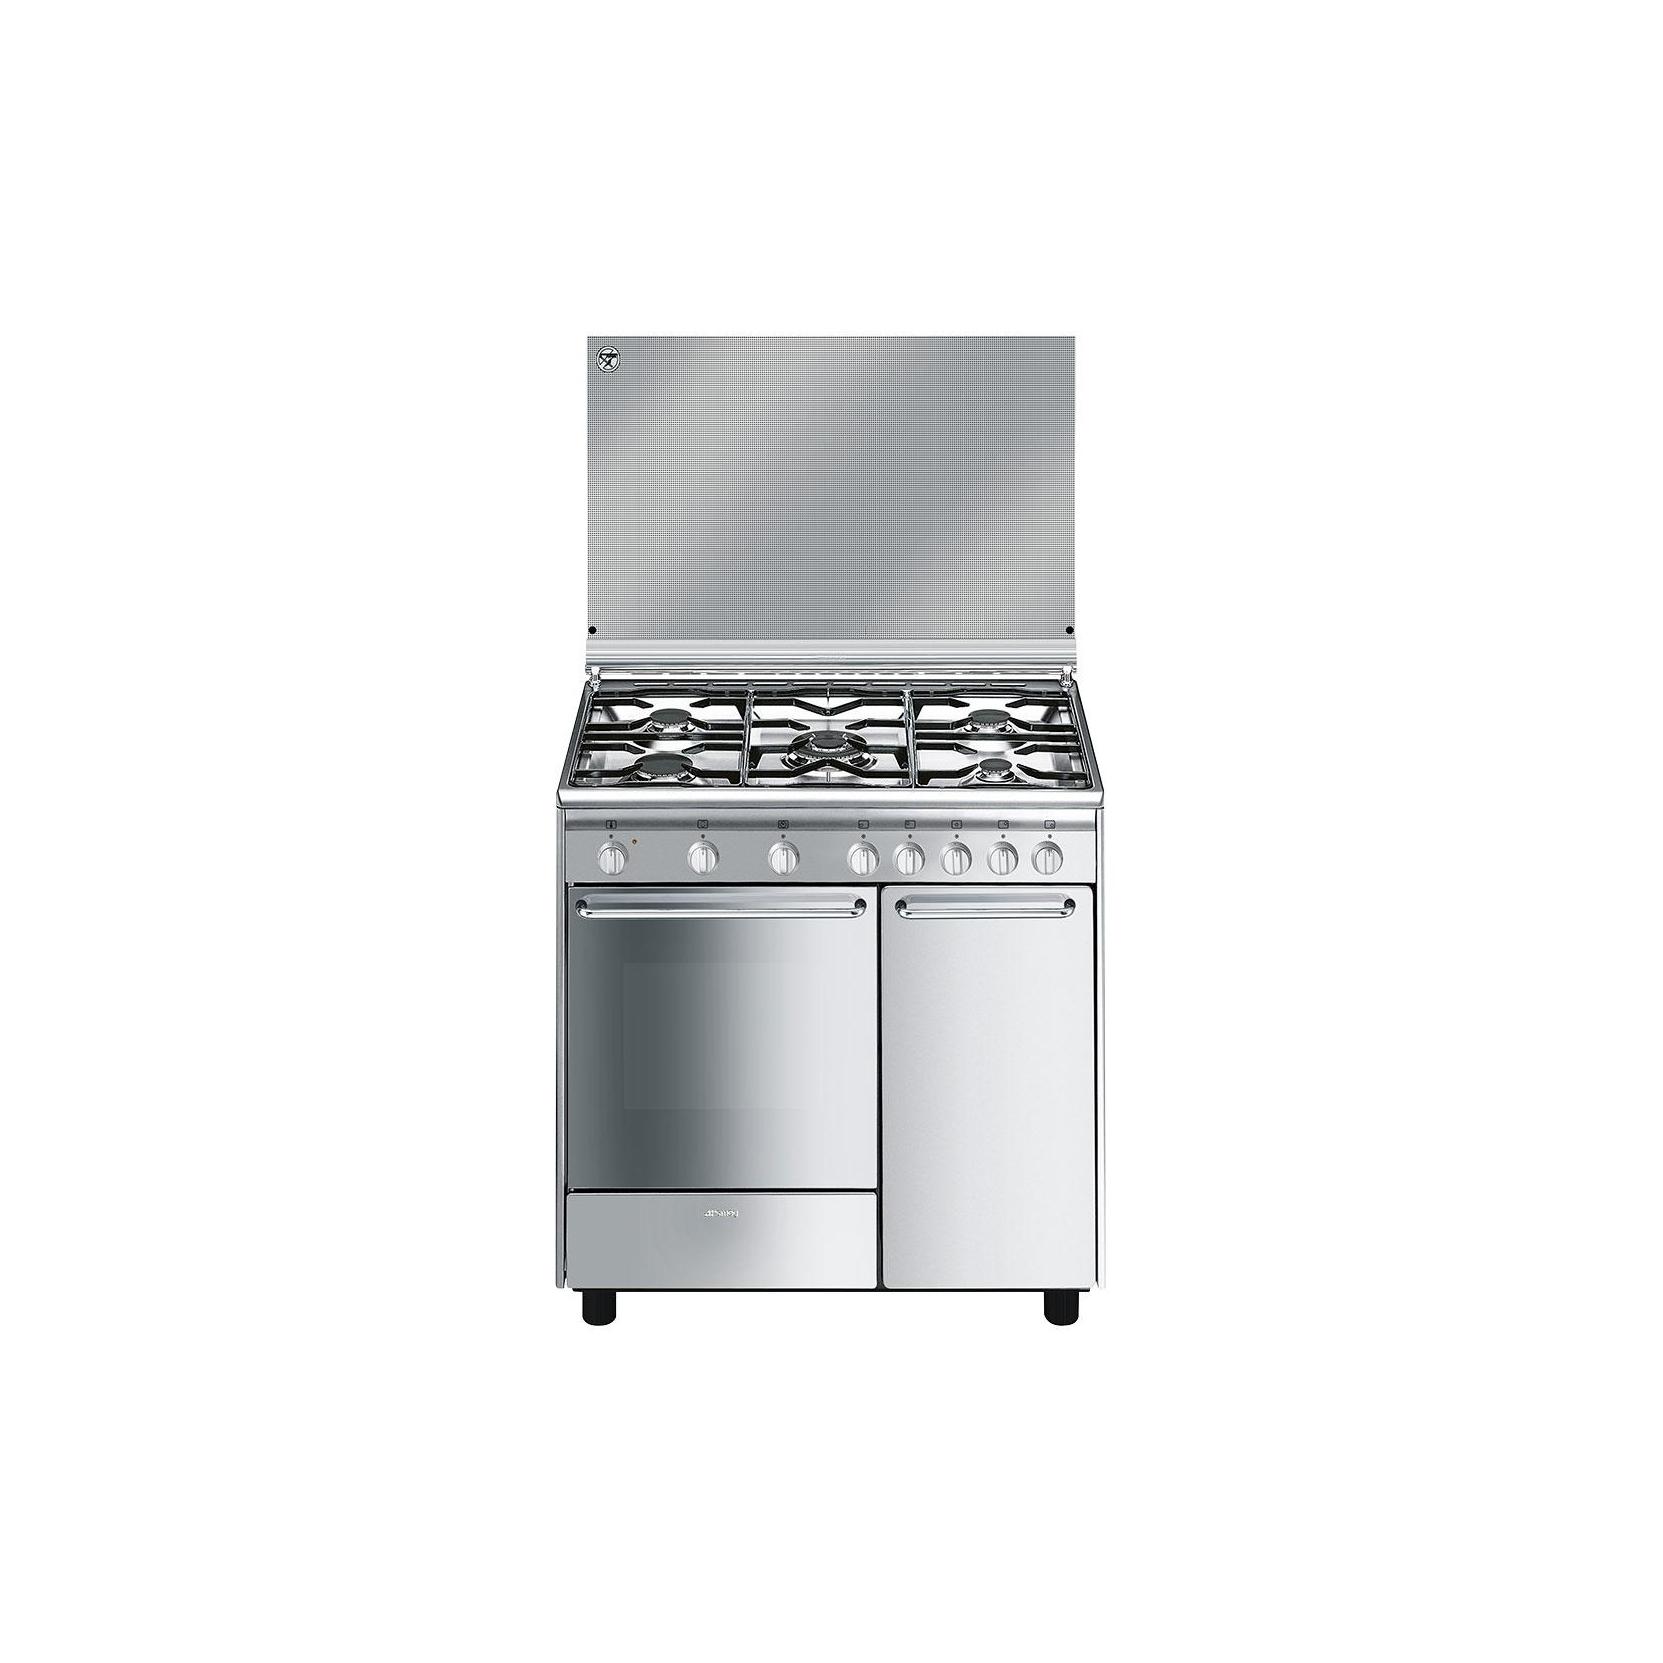 Cucina smeg cx9sv2 90 x 60 inox 5 fuochi forno elettrico classe a garanzia italia elettrovillage - Cucina a gas 5 fuochi ...